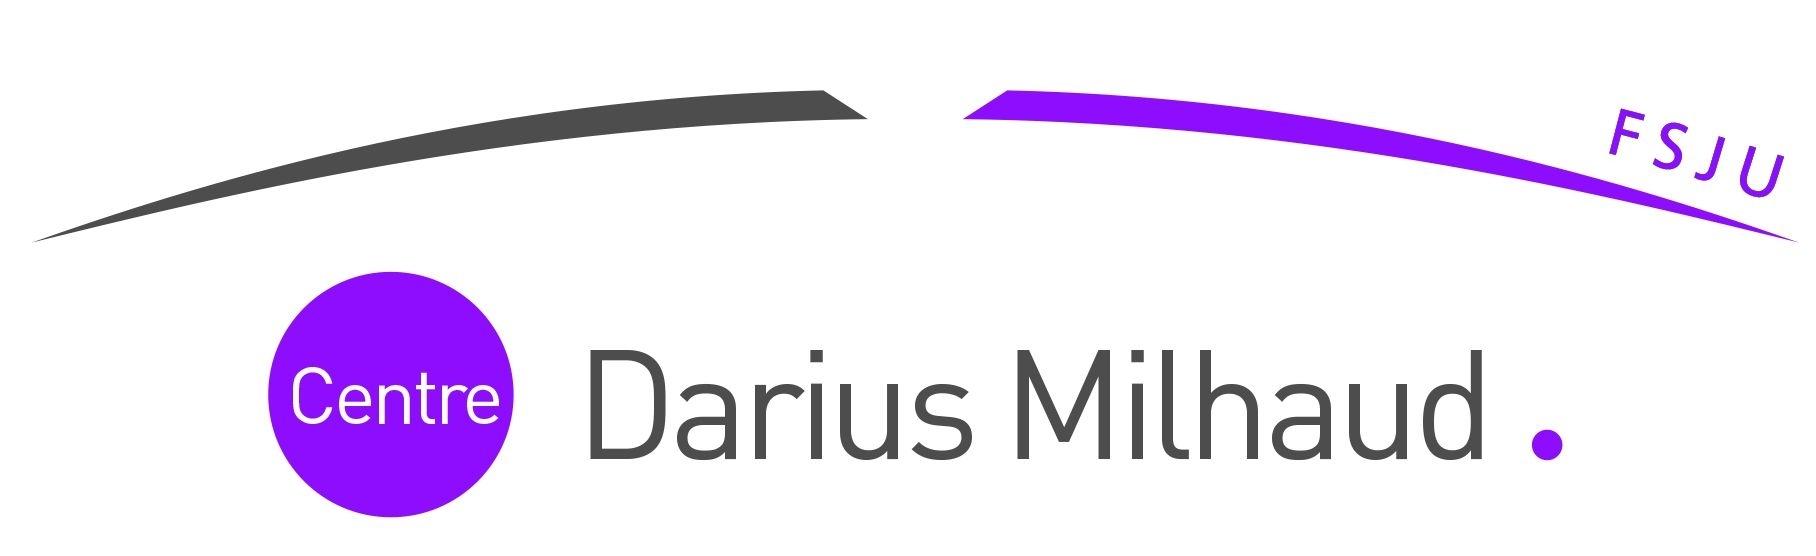 Centre Darius Milhaud